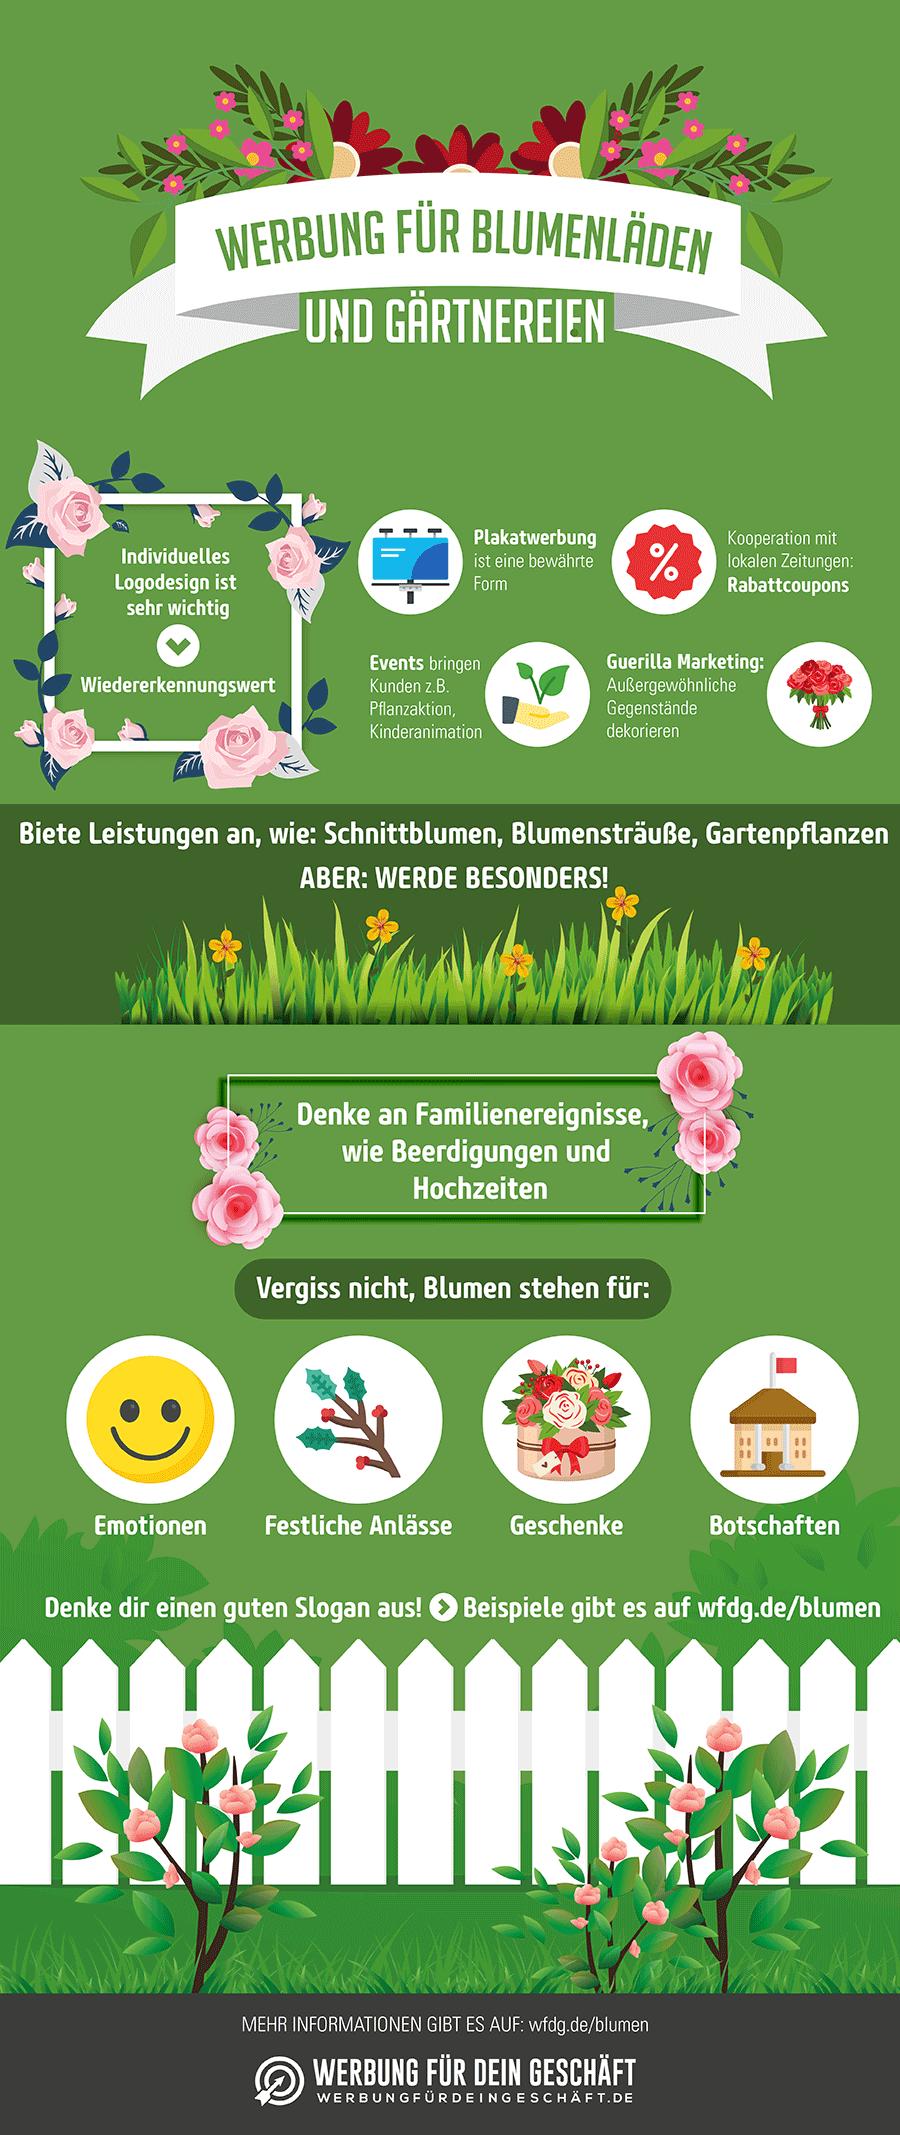 Infografik mit guten Marketing Tipps für Blumenläden und Gärtnereien